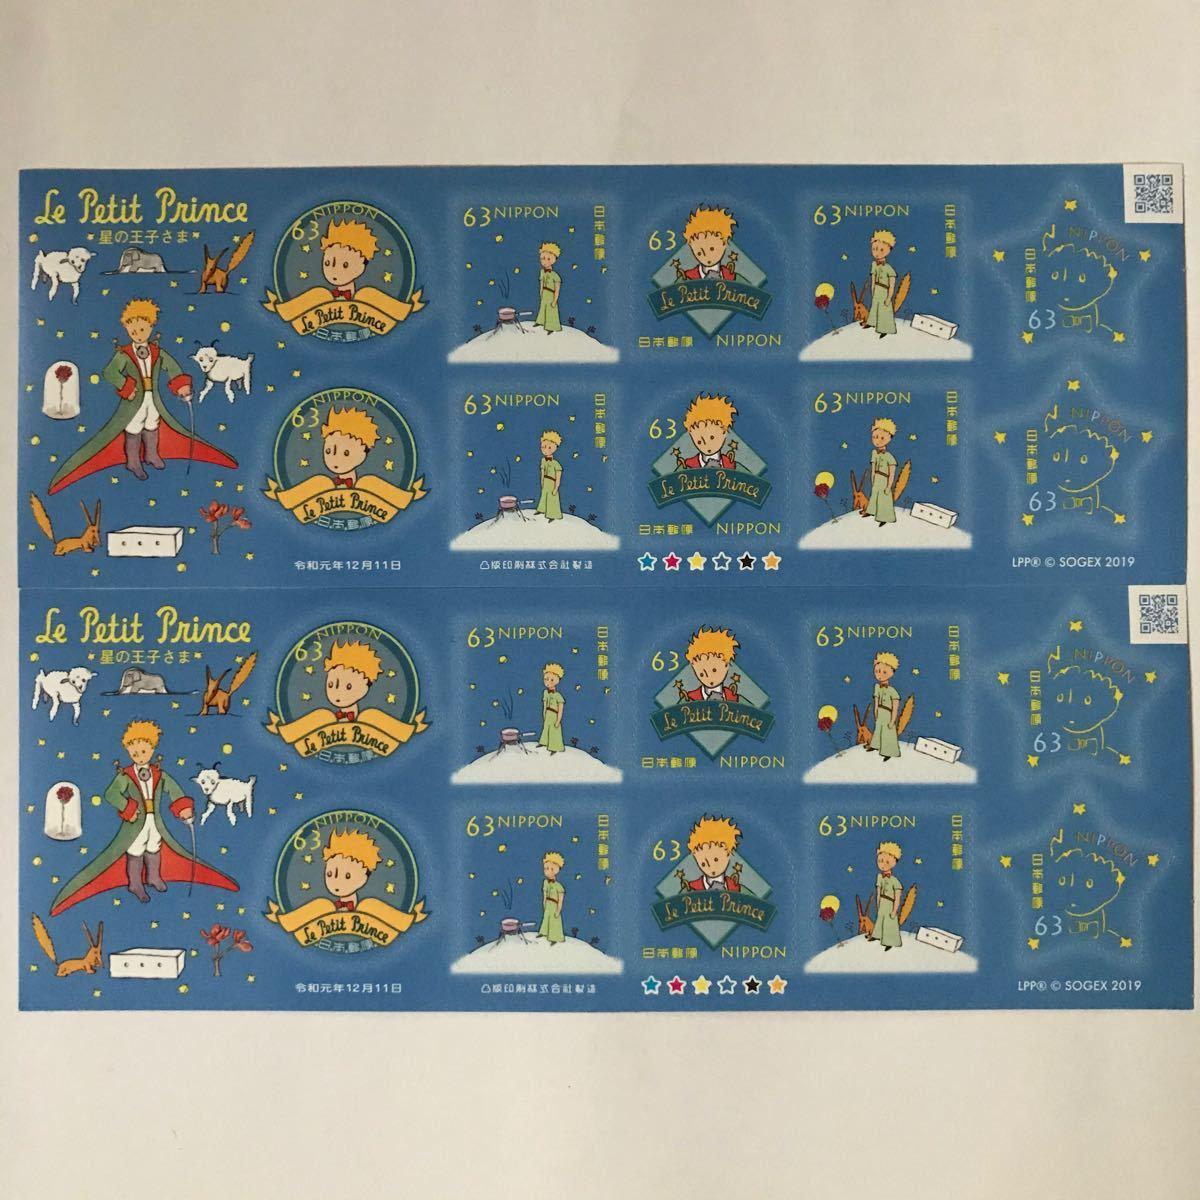 「星の王子さま」グリーティング切手 63円 シール切手シート 630円×2枚セット 記念切手 日本郵便 未使用A